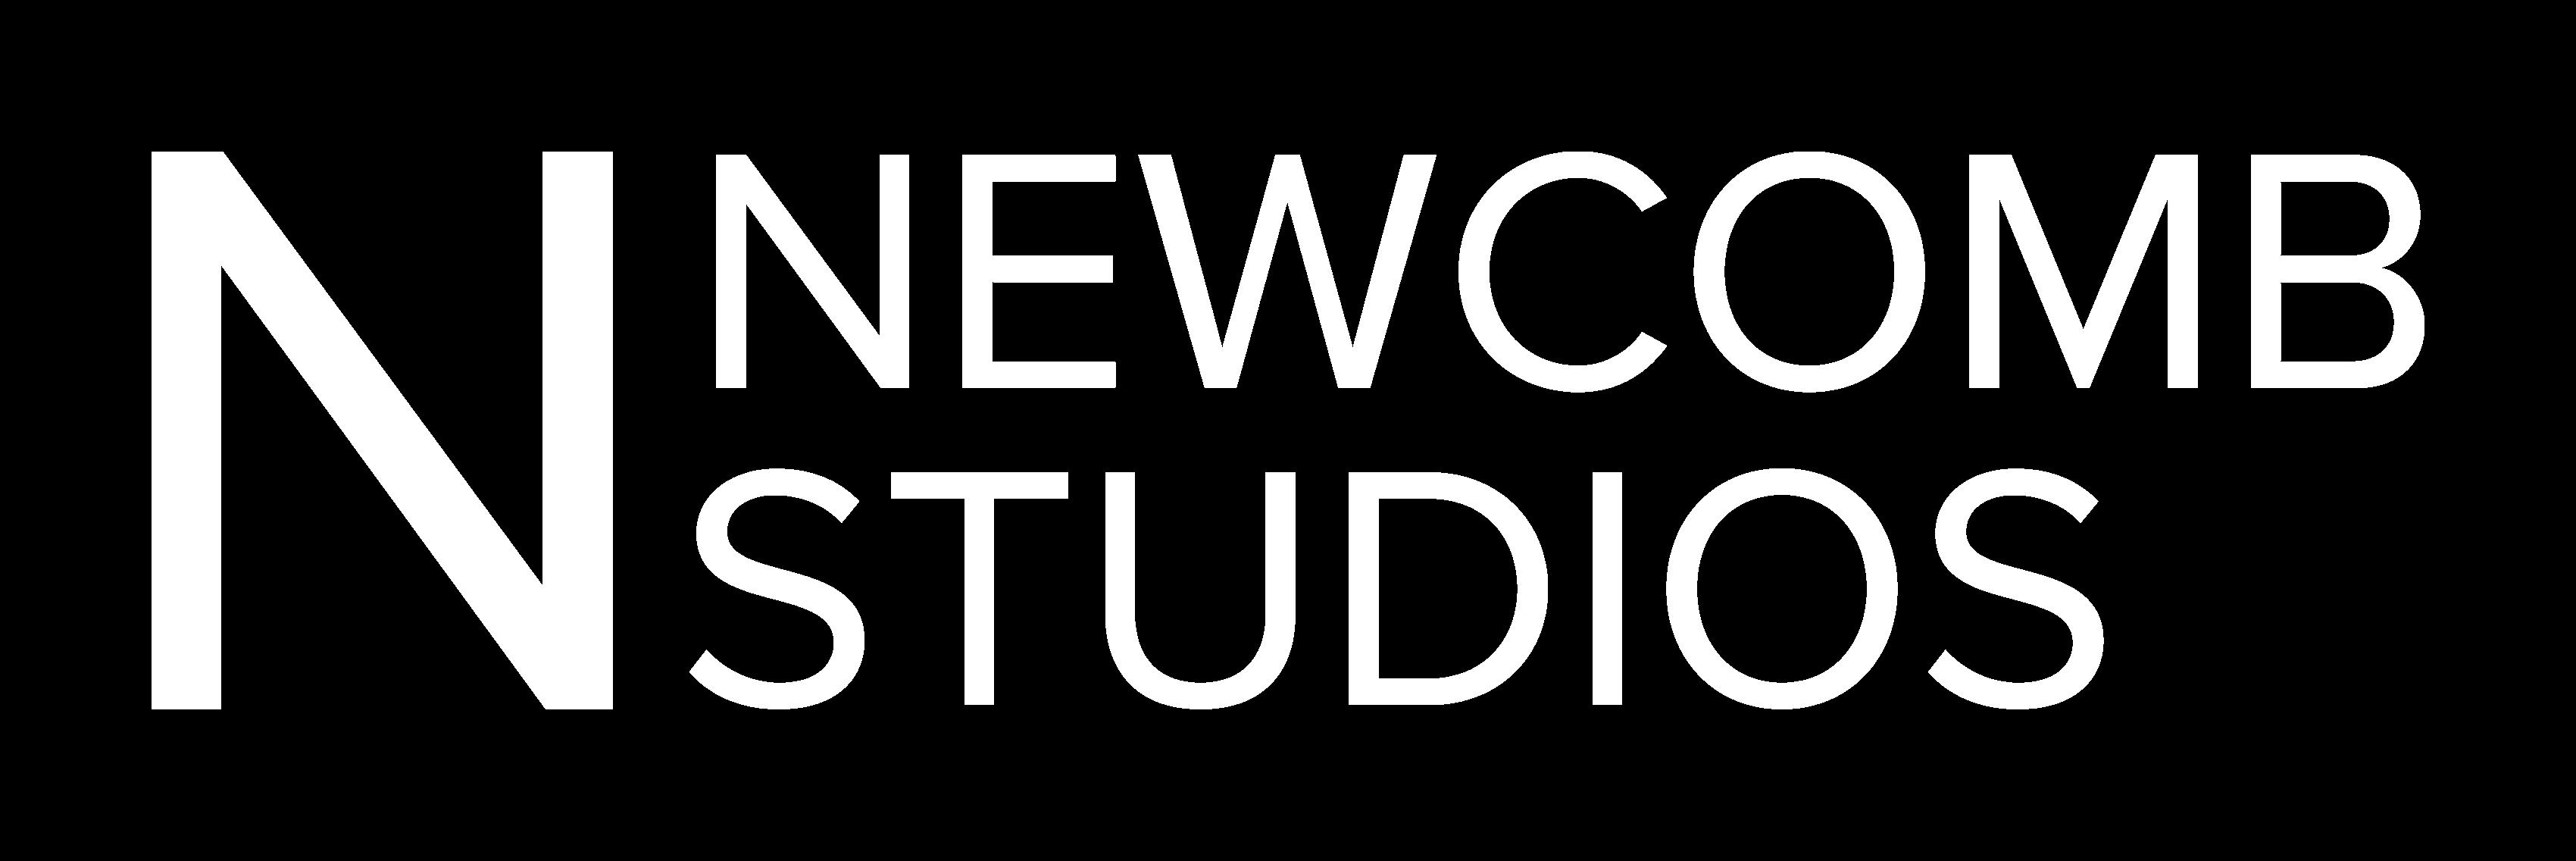 Newcomb Studios